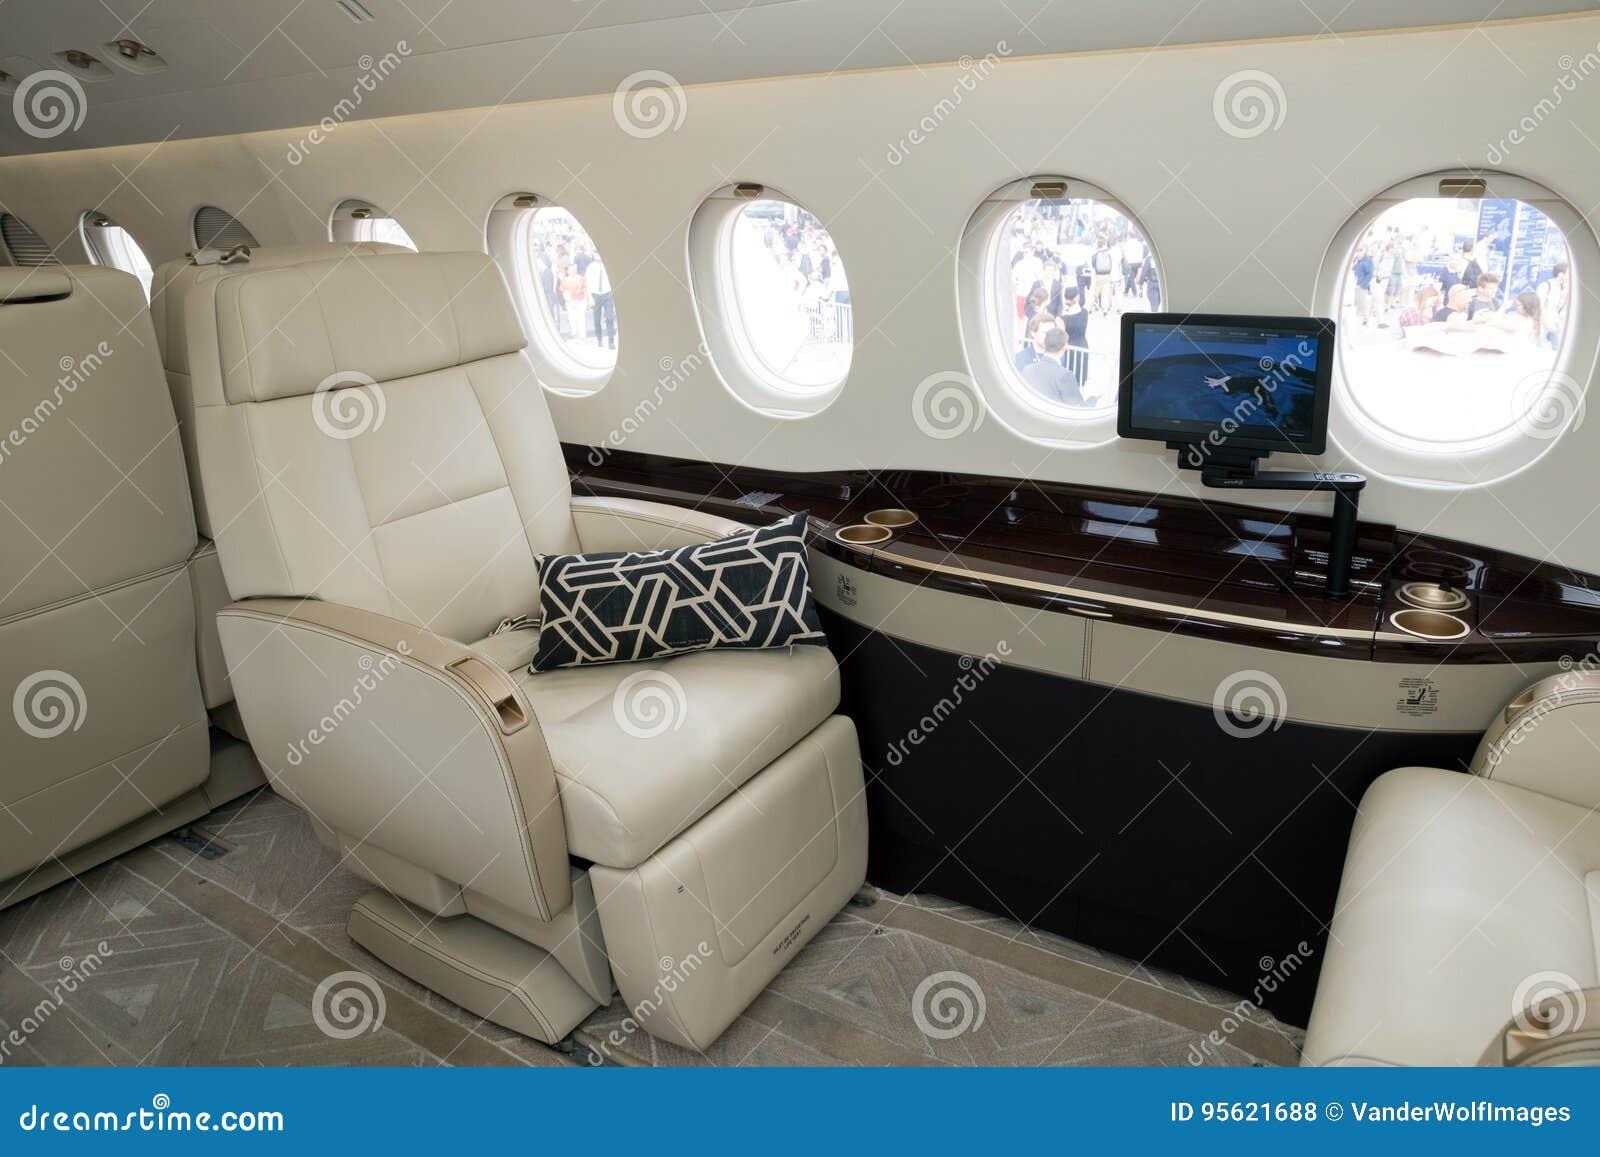 Dassault Falcon Business Jet Cabin Interior Editorial Stock